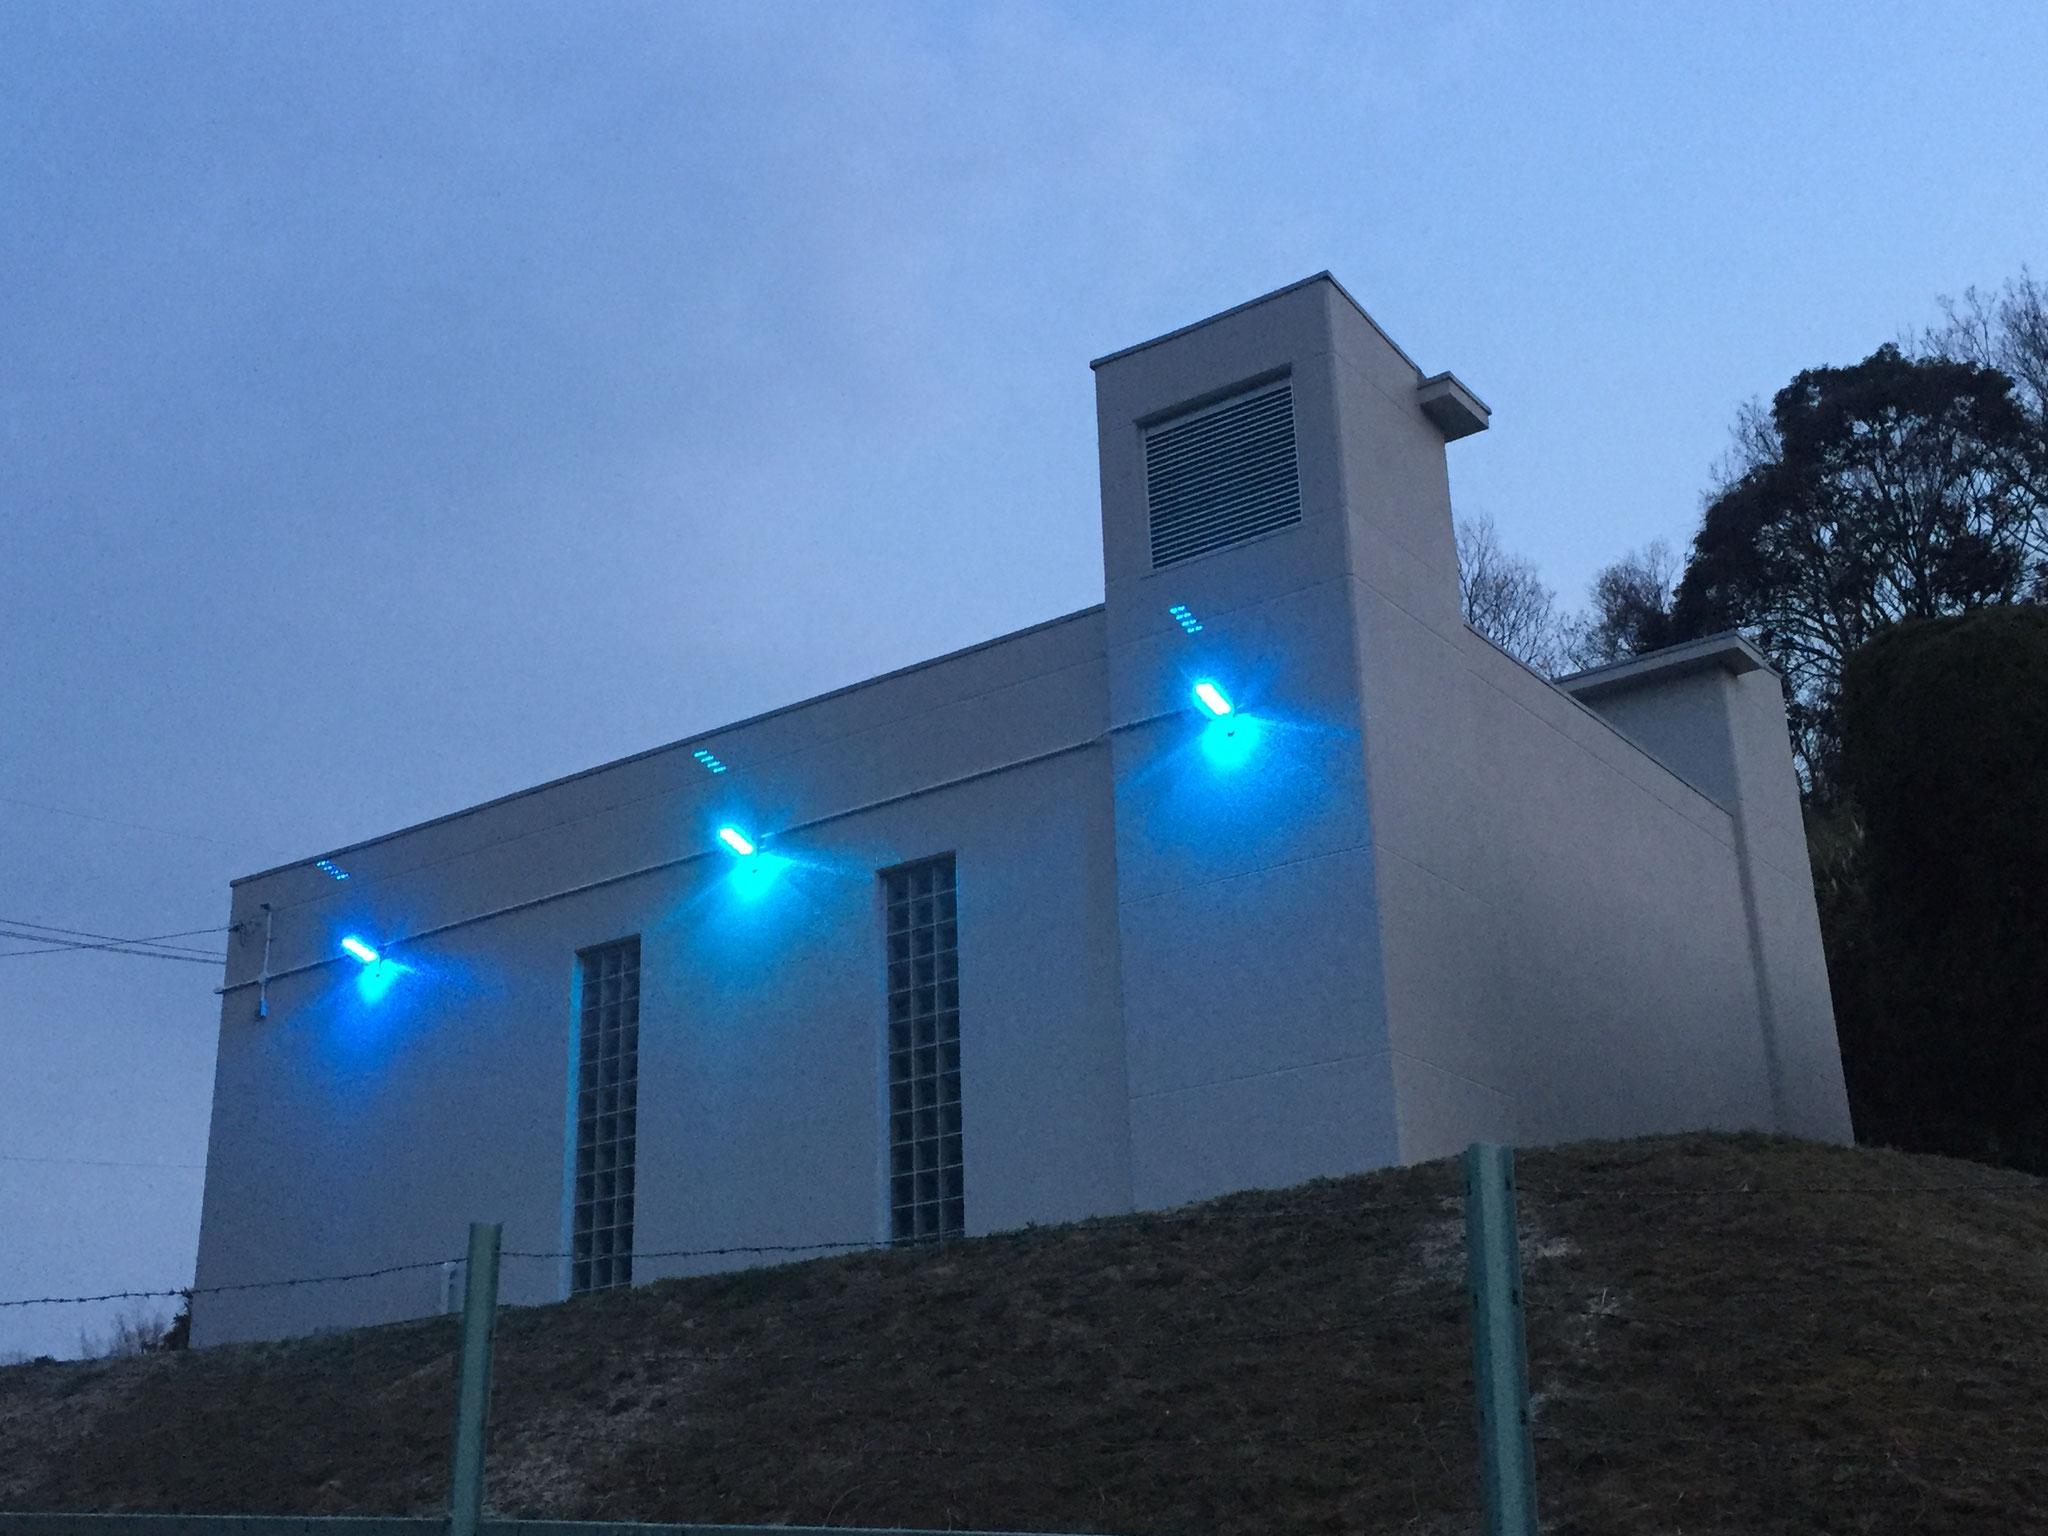 下水道ポンプ場青色LED防犯灯  犯罪抑止効果が期待できるとされている青色光源照明を設置しました。